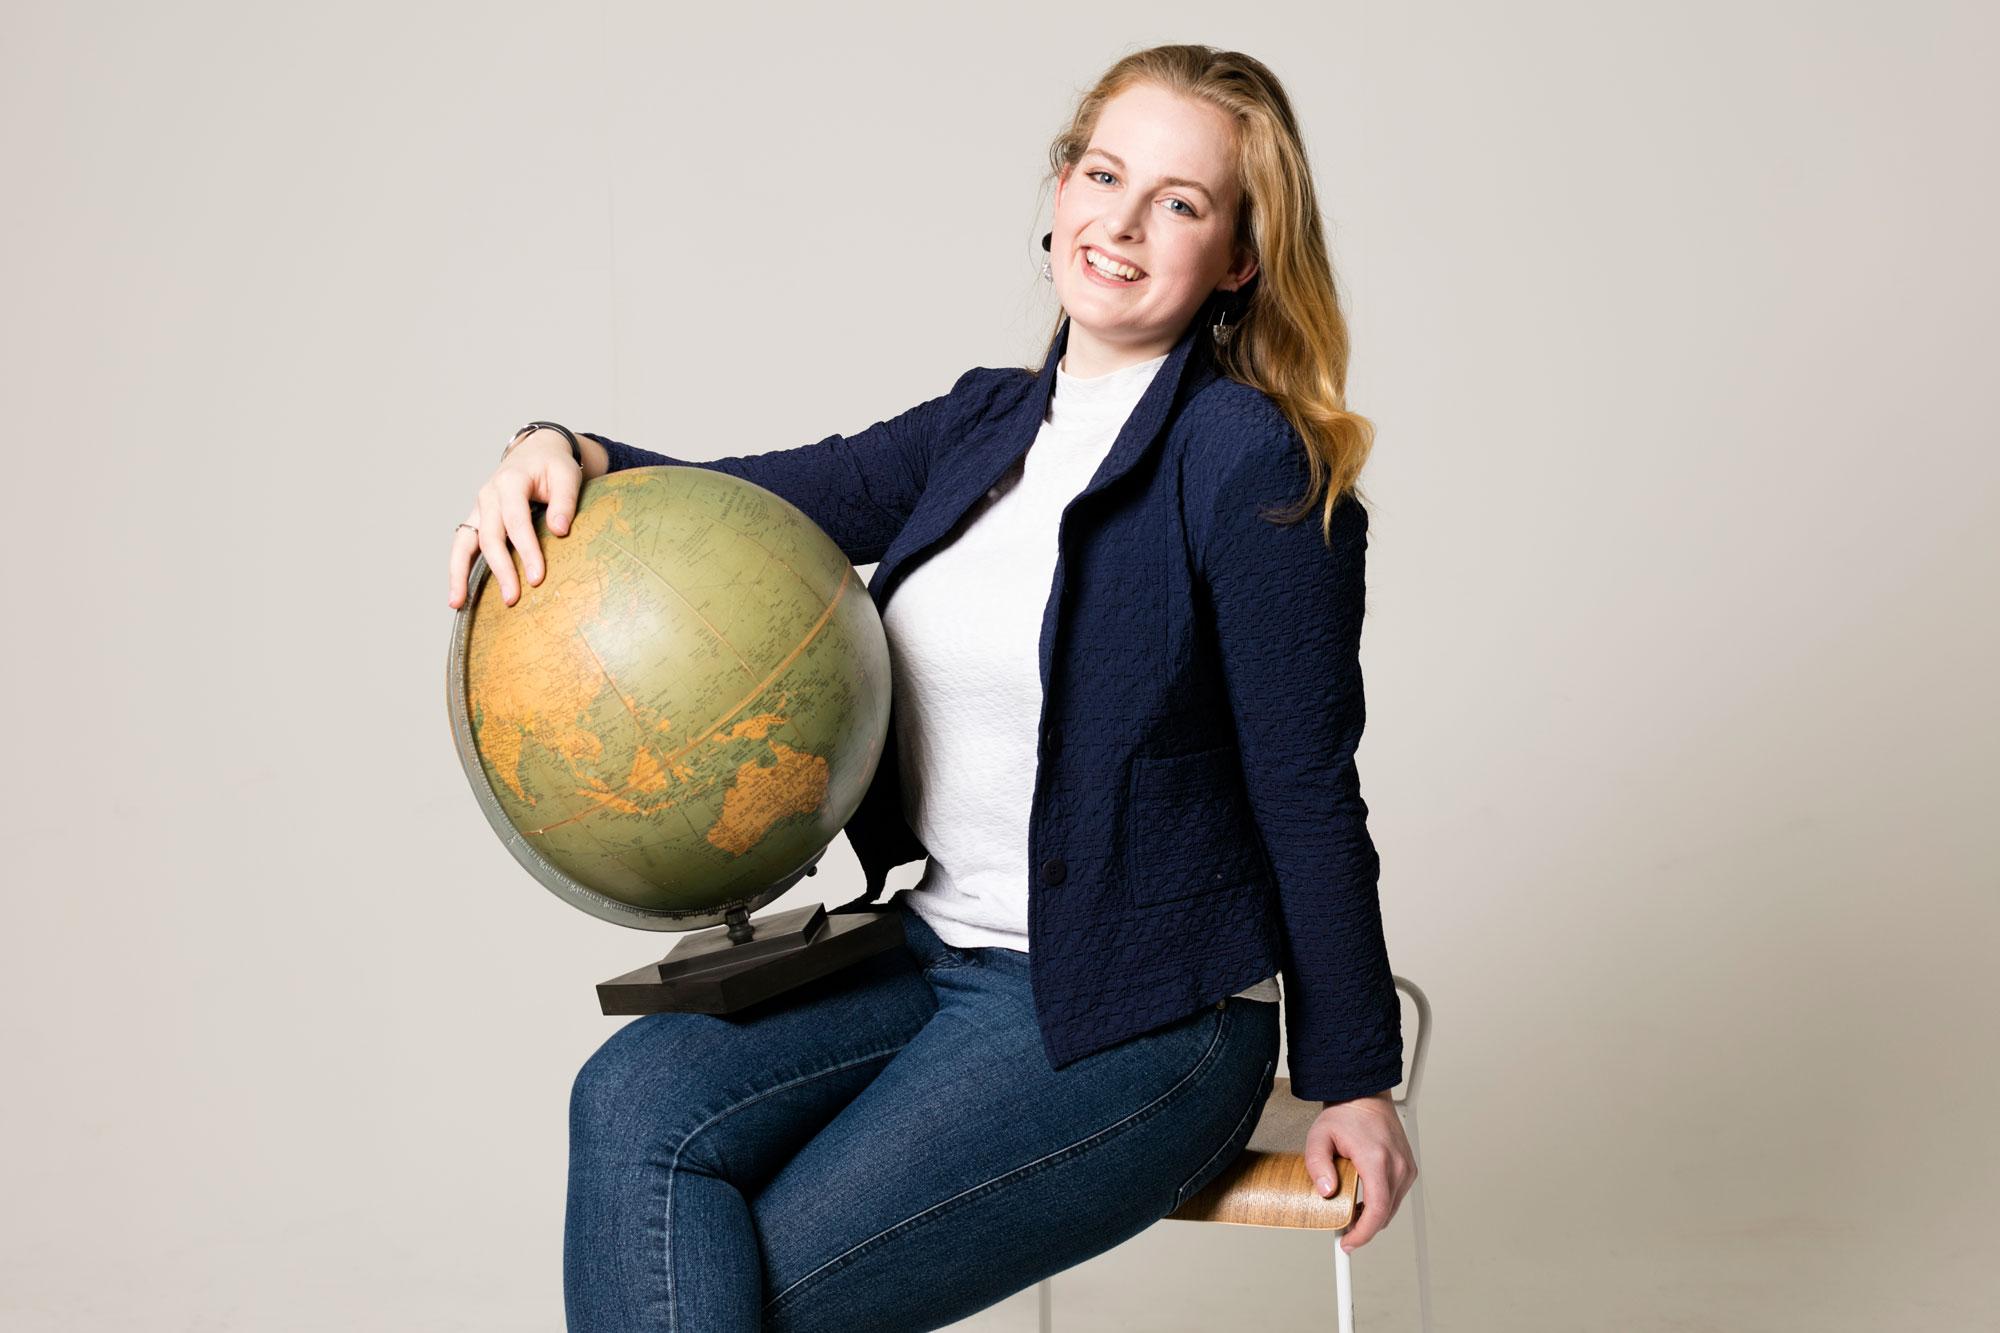 TWR-12-July-Start-Up-Stars-Girled-World-2000.jpg